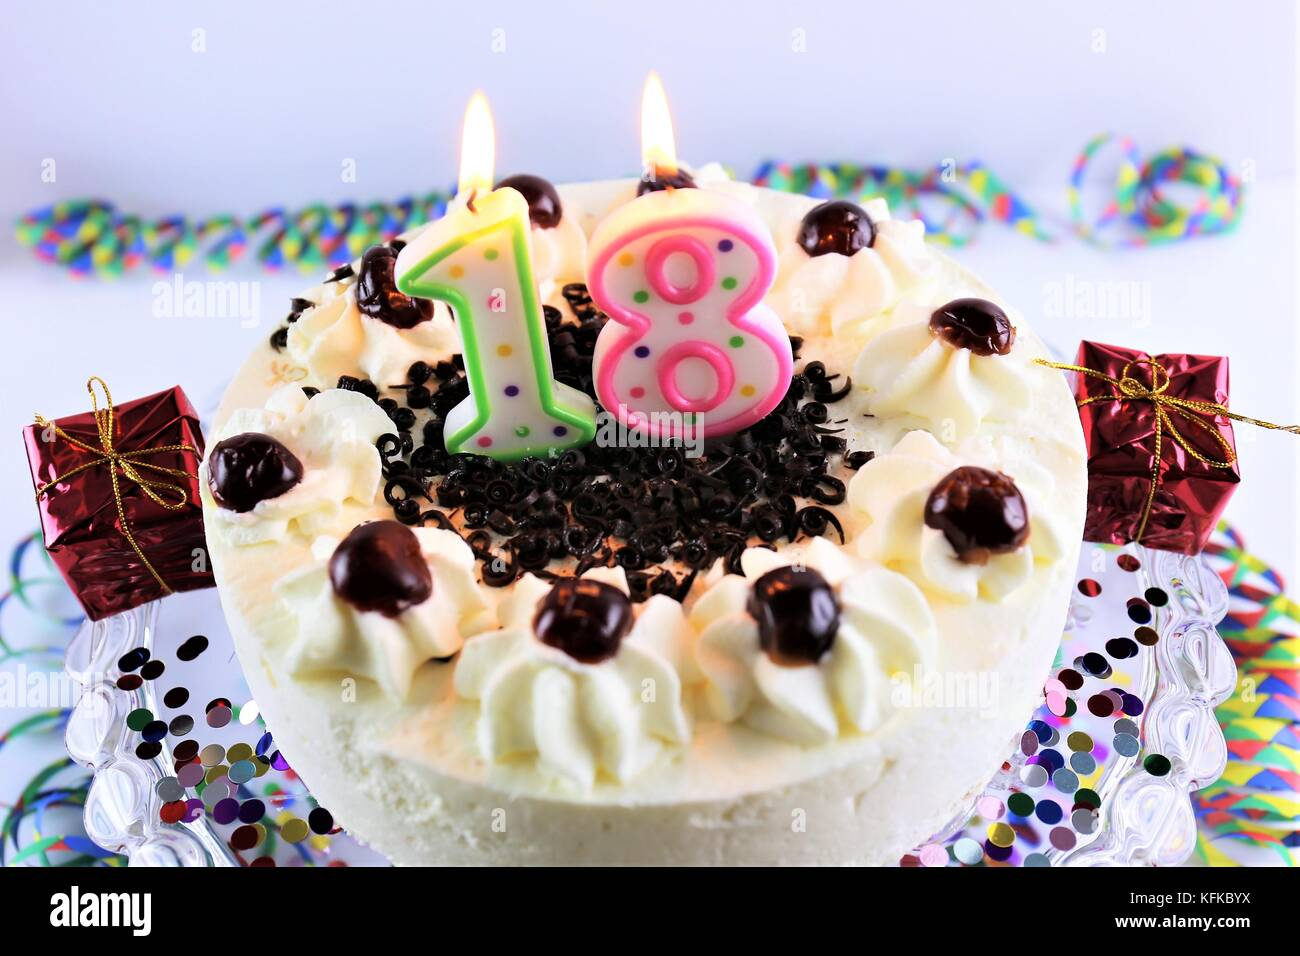 Ein Bild Von Einem Geburtstagskuchen Mit Kerze 18 Stockfoto Bild